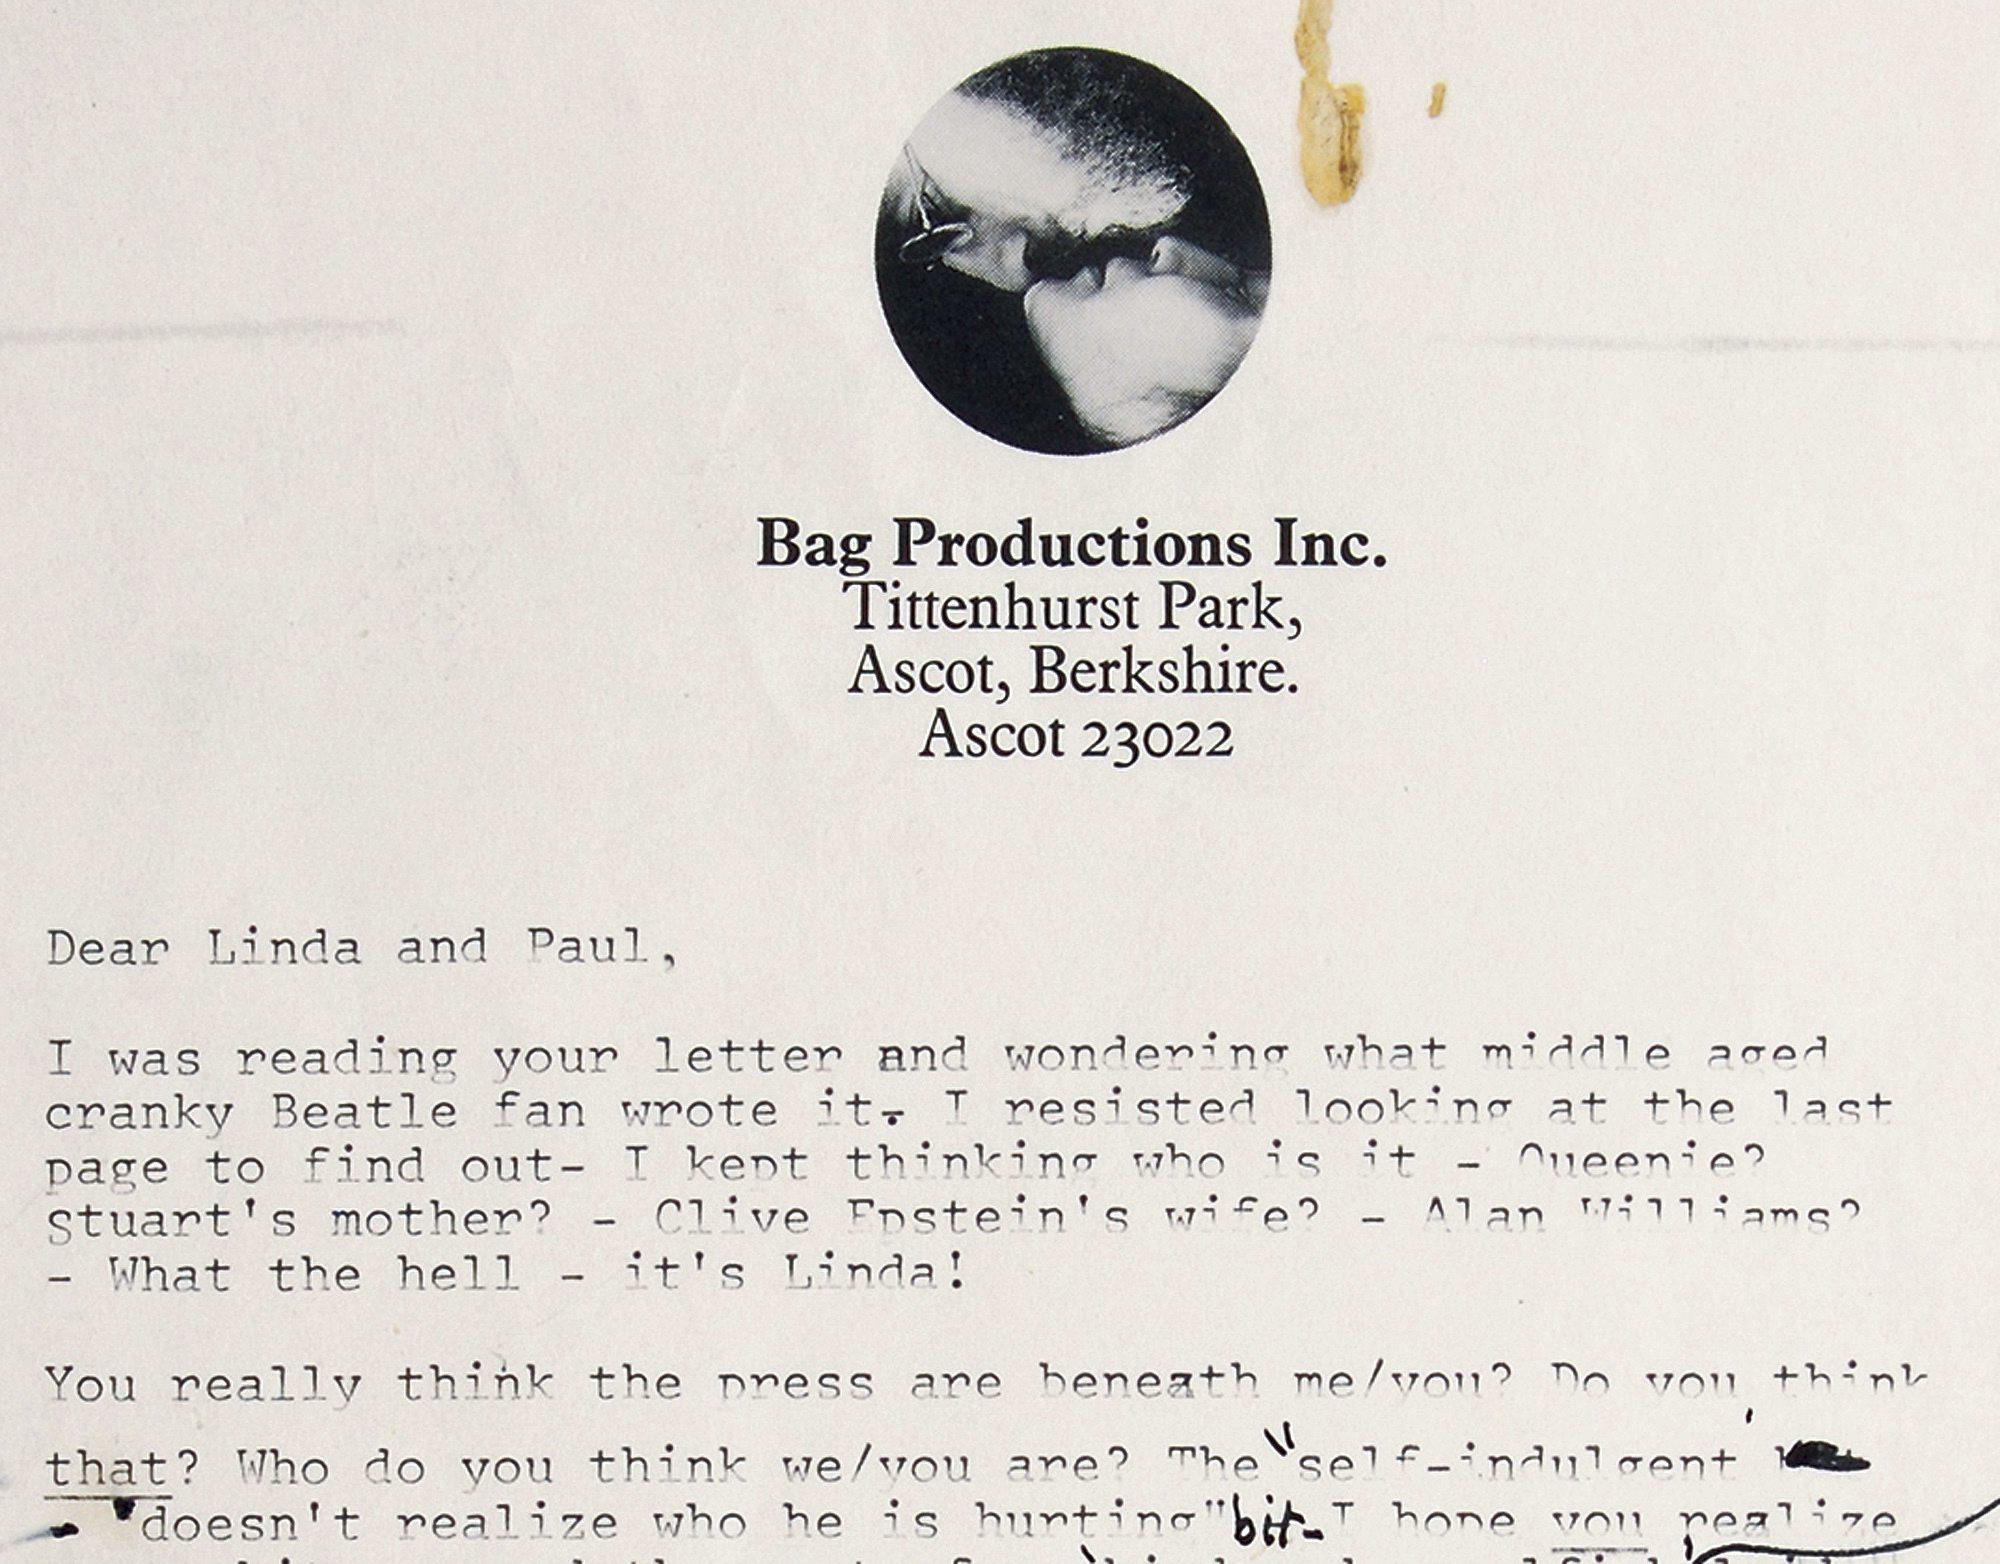 John Lennon's Beatles breakup letter sold at auction for $30,000 ...